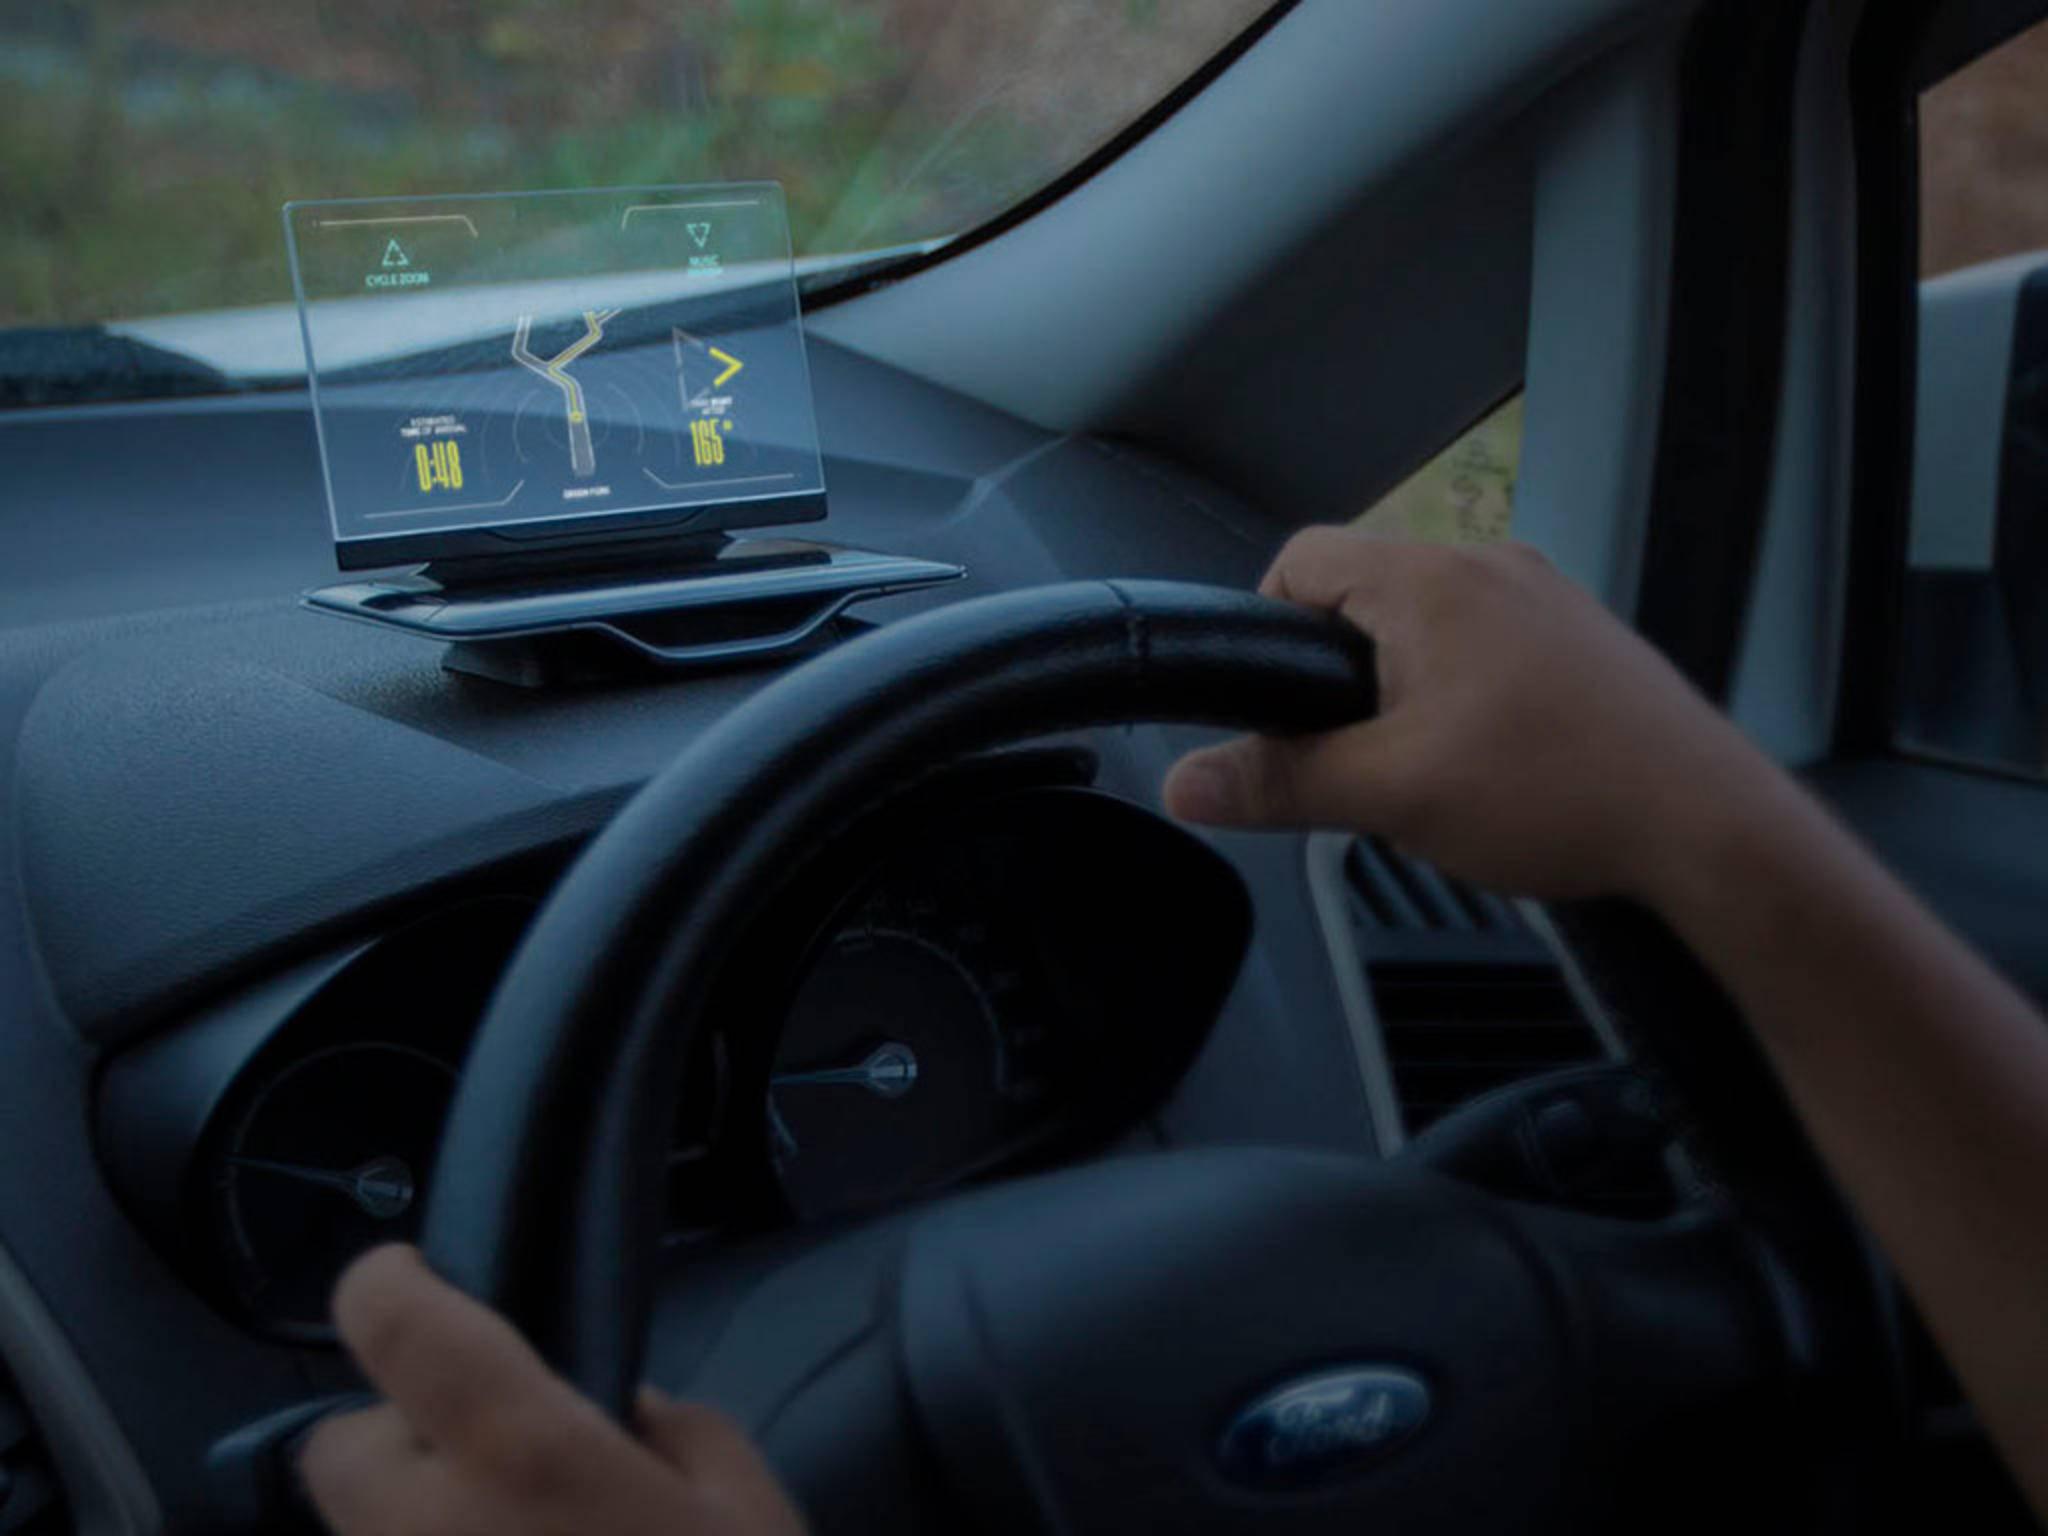 Für die Navigation verbindet sich das System mit Google Maps.